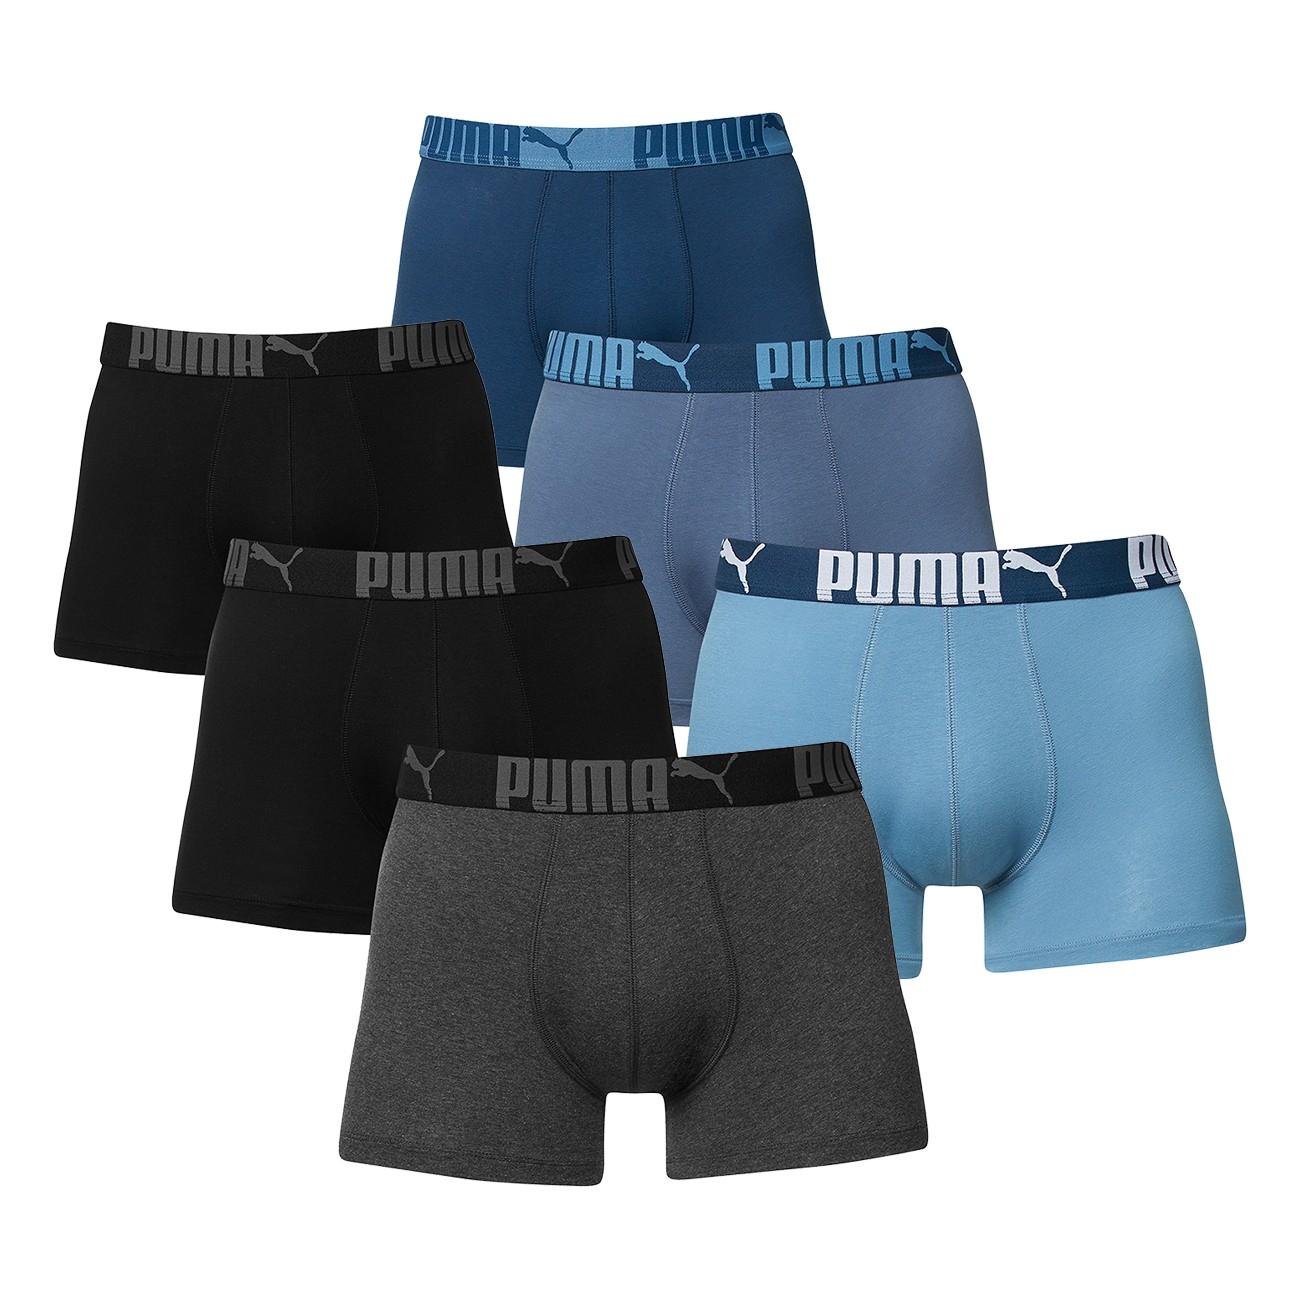 Puma Herren Boxershort 6 Stück für 26,95€in 4 Größen verfügbar bei mybodywear